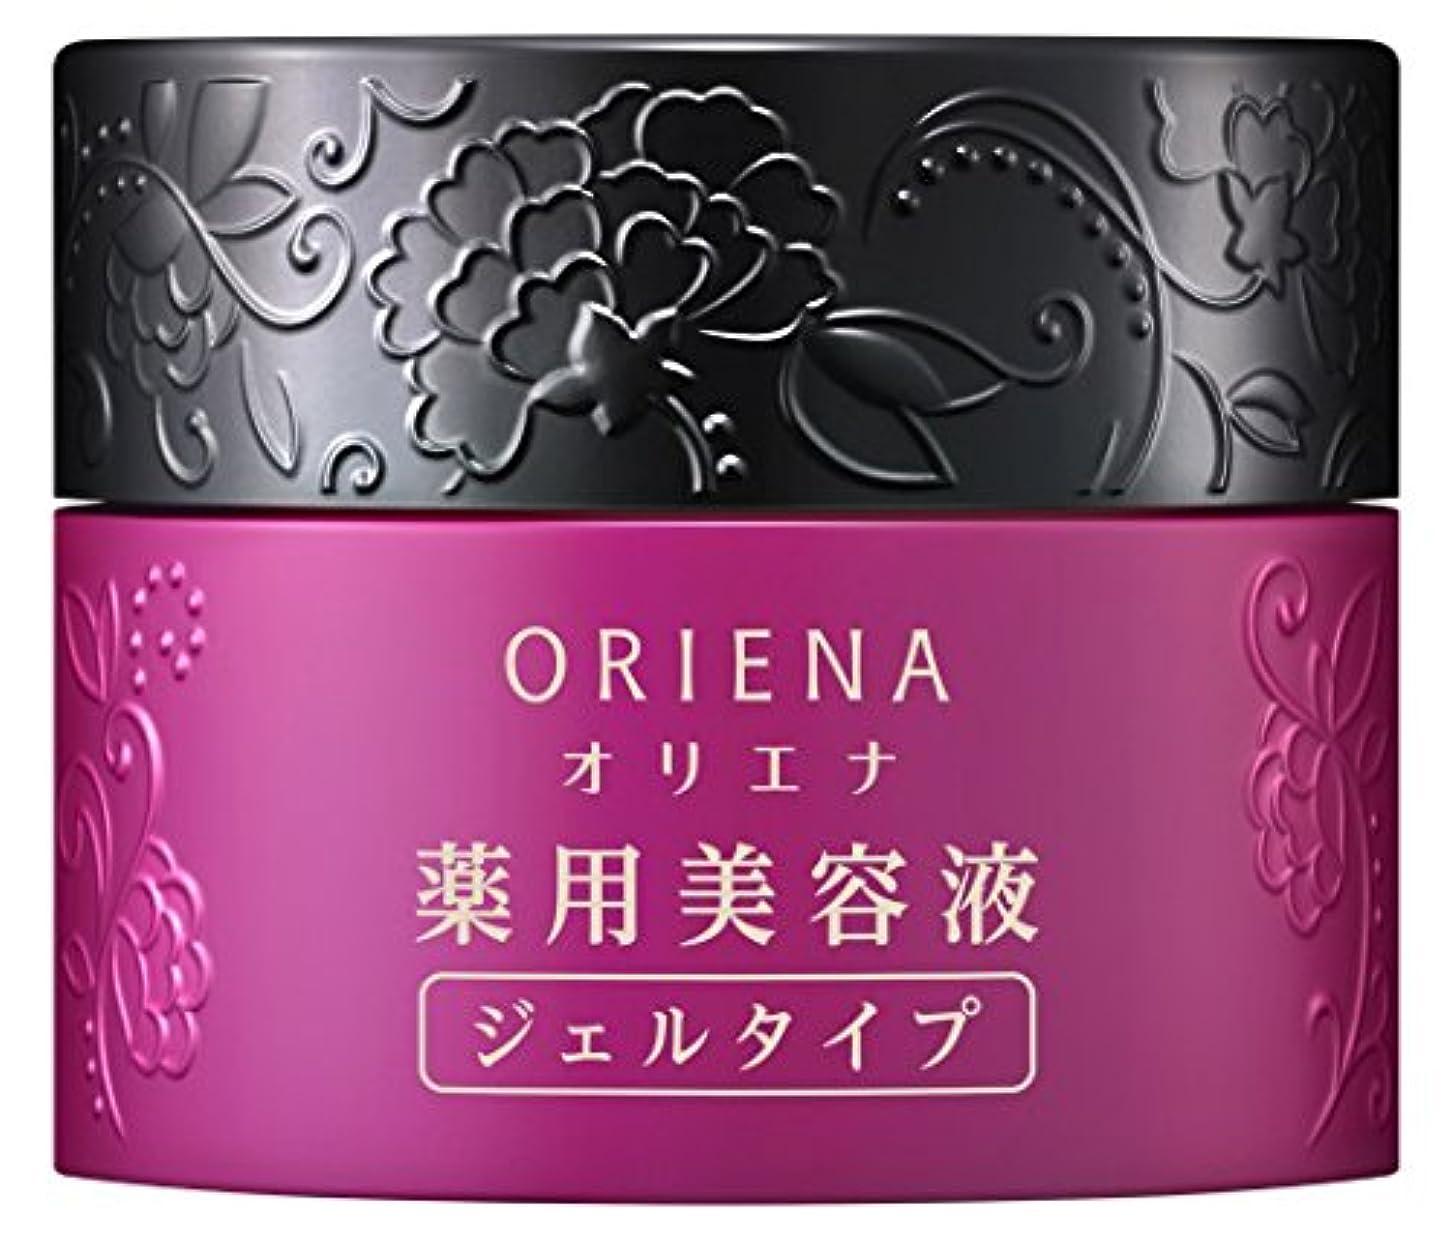 高い適用する関係する花王 オリエナ 薬用美容液 ジェルタイプ 30g